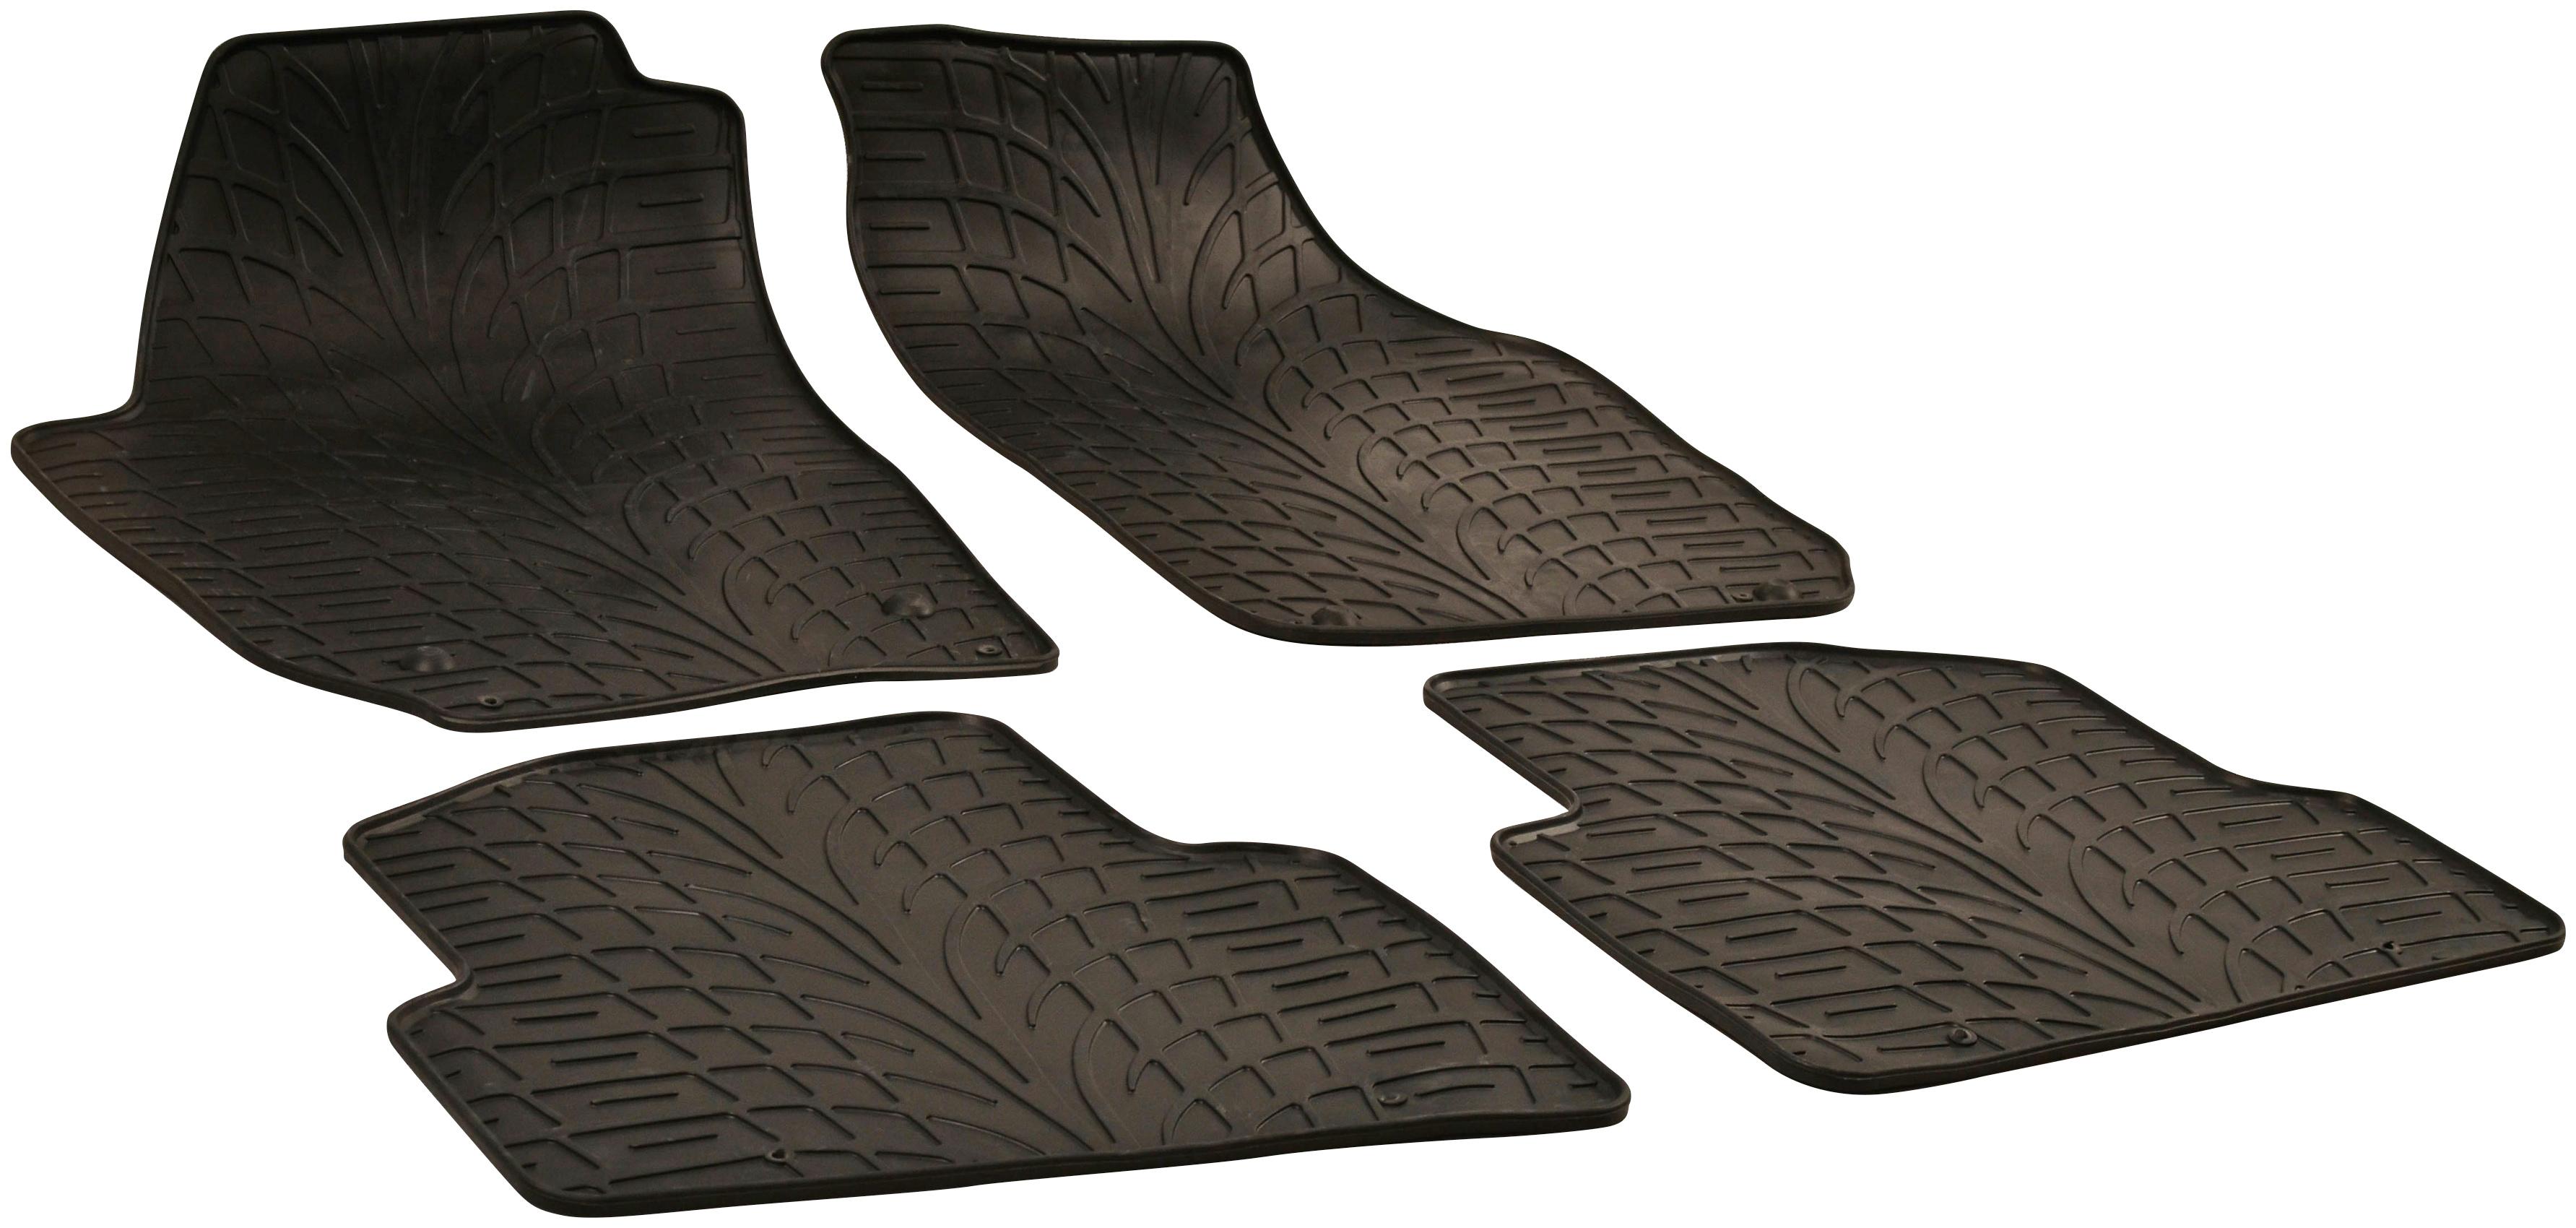 WALSER Passform-Fußmatten, Skoda, Fabia, Kombi-Schrägheck, (4 St., 2 Vordermatten, Rückmatten), für Skoda Fabia BJ 2007 - 2014 schwarz Automatten Autozubehör Reifen Passform-Fußmatten